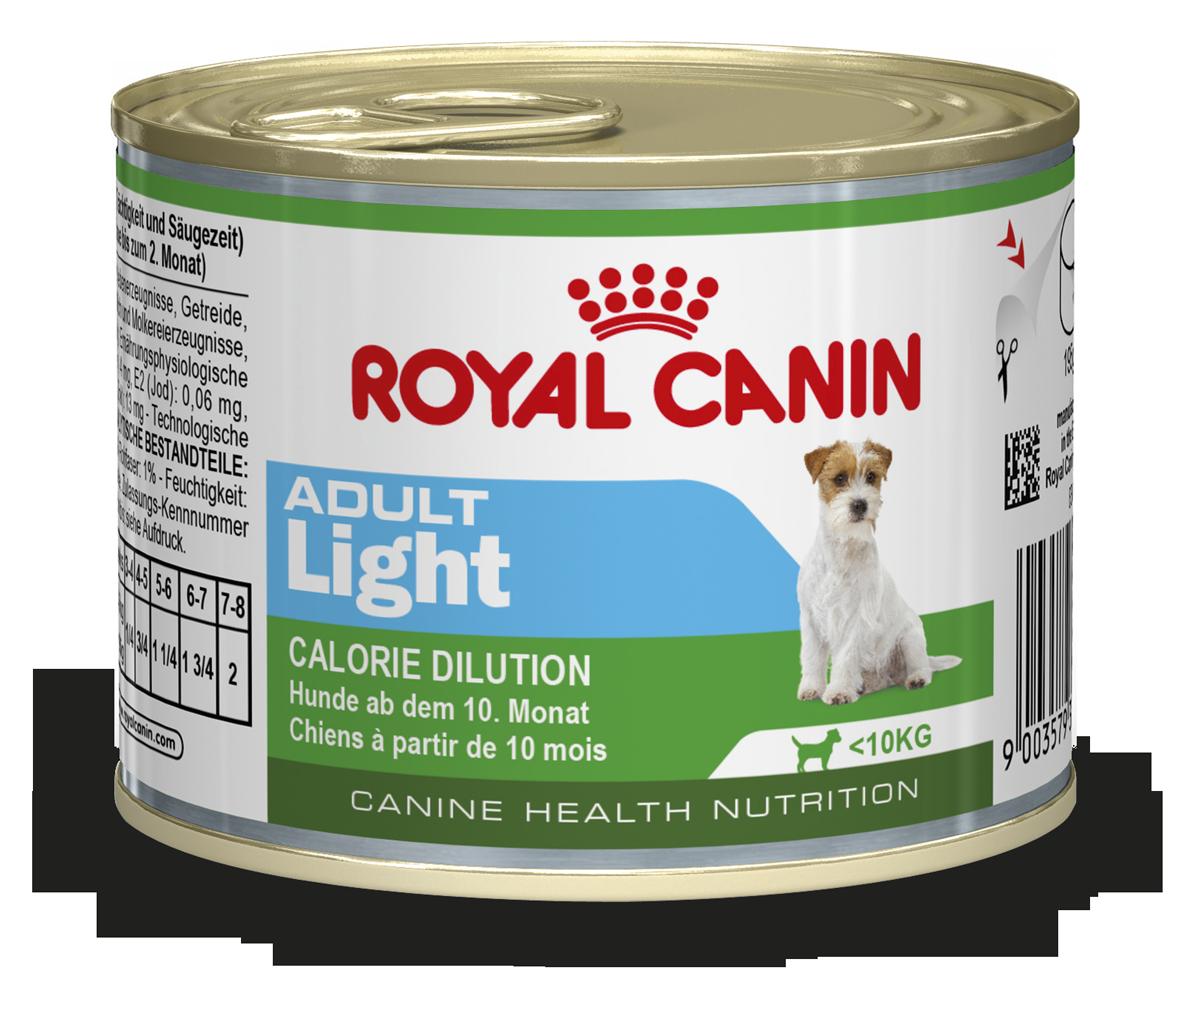 Alleinfuttermittel für kleine, ausgewachsene Hunde unter